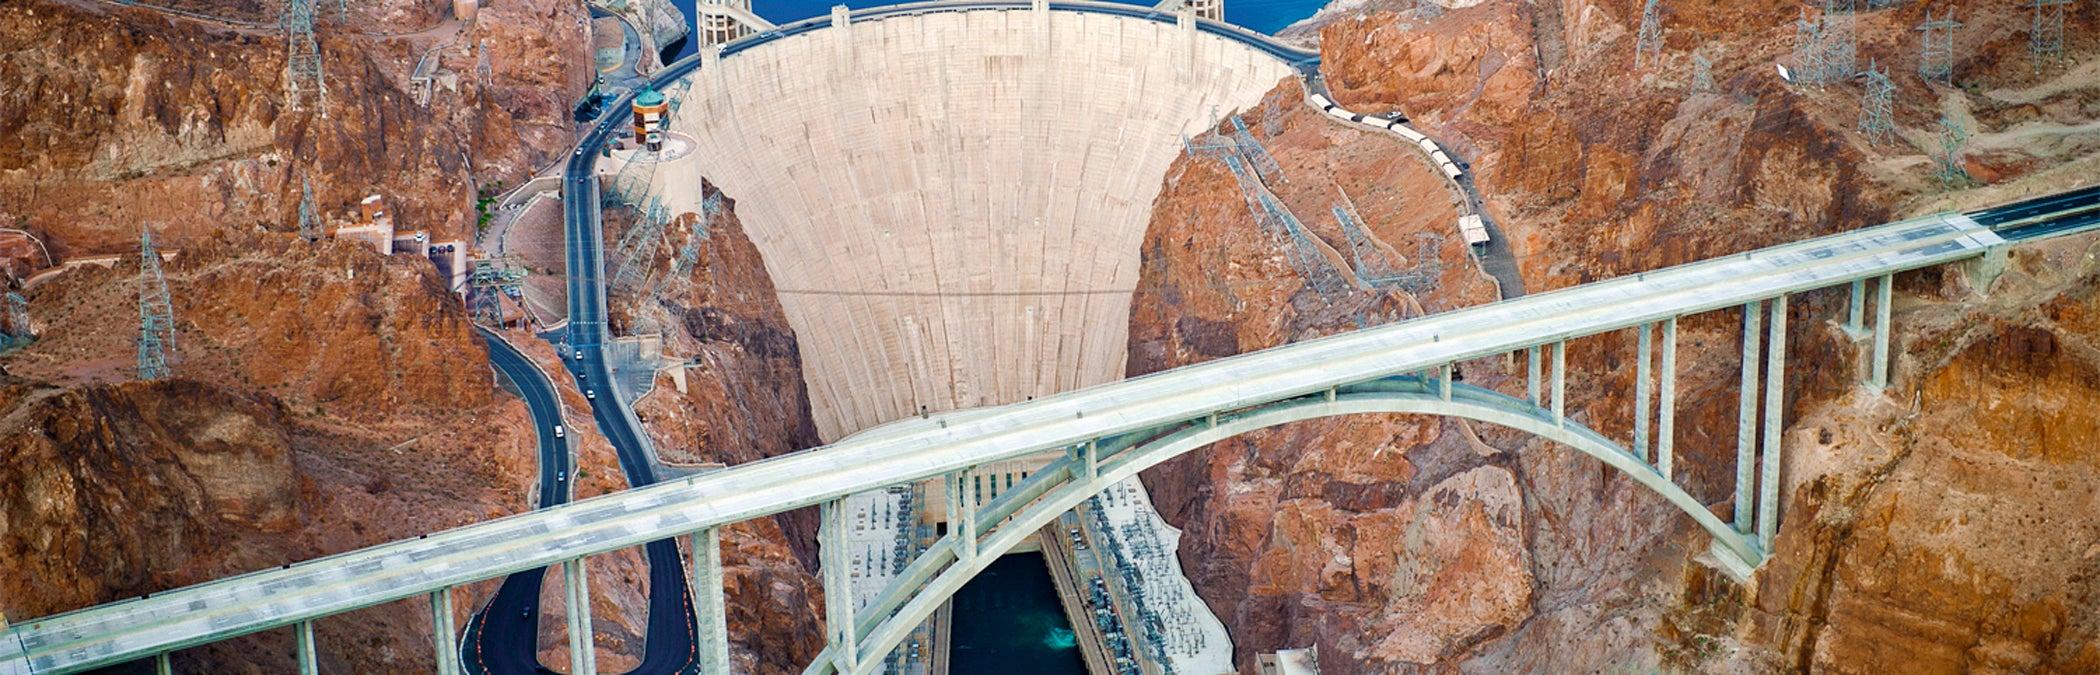 Mike O Callaghan Pat Tillman Memorial Bridge Hoover Dam